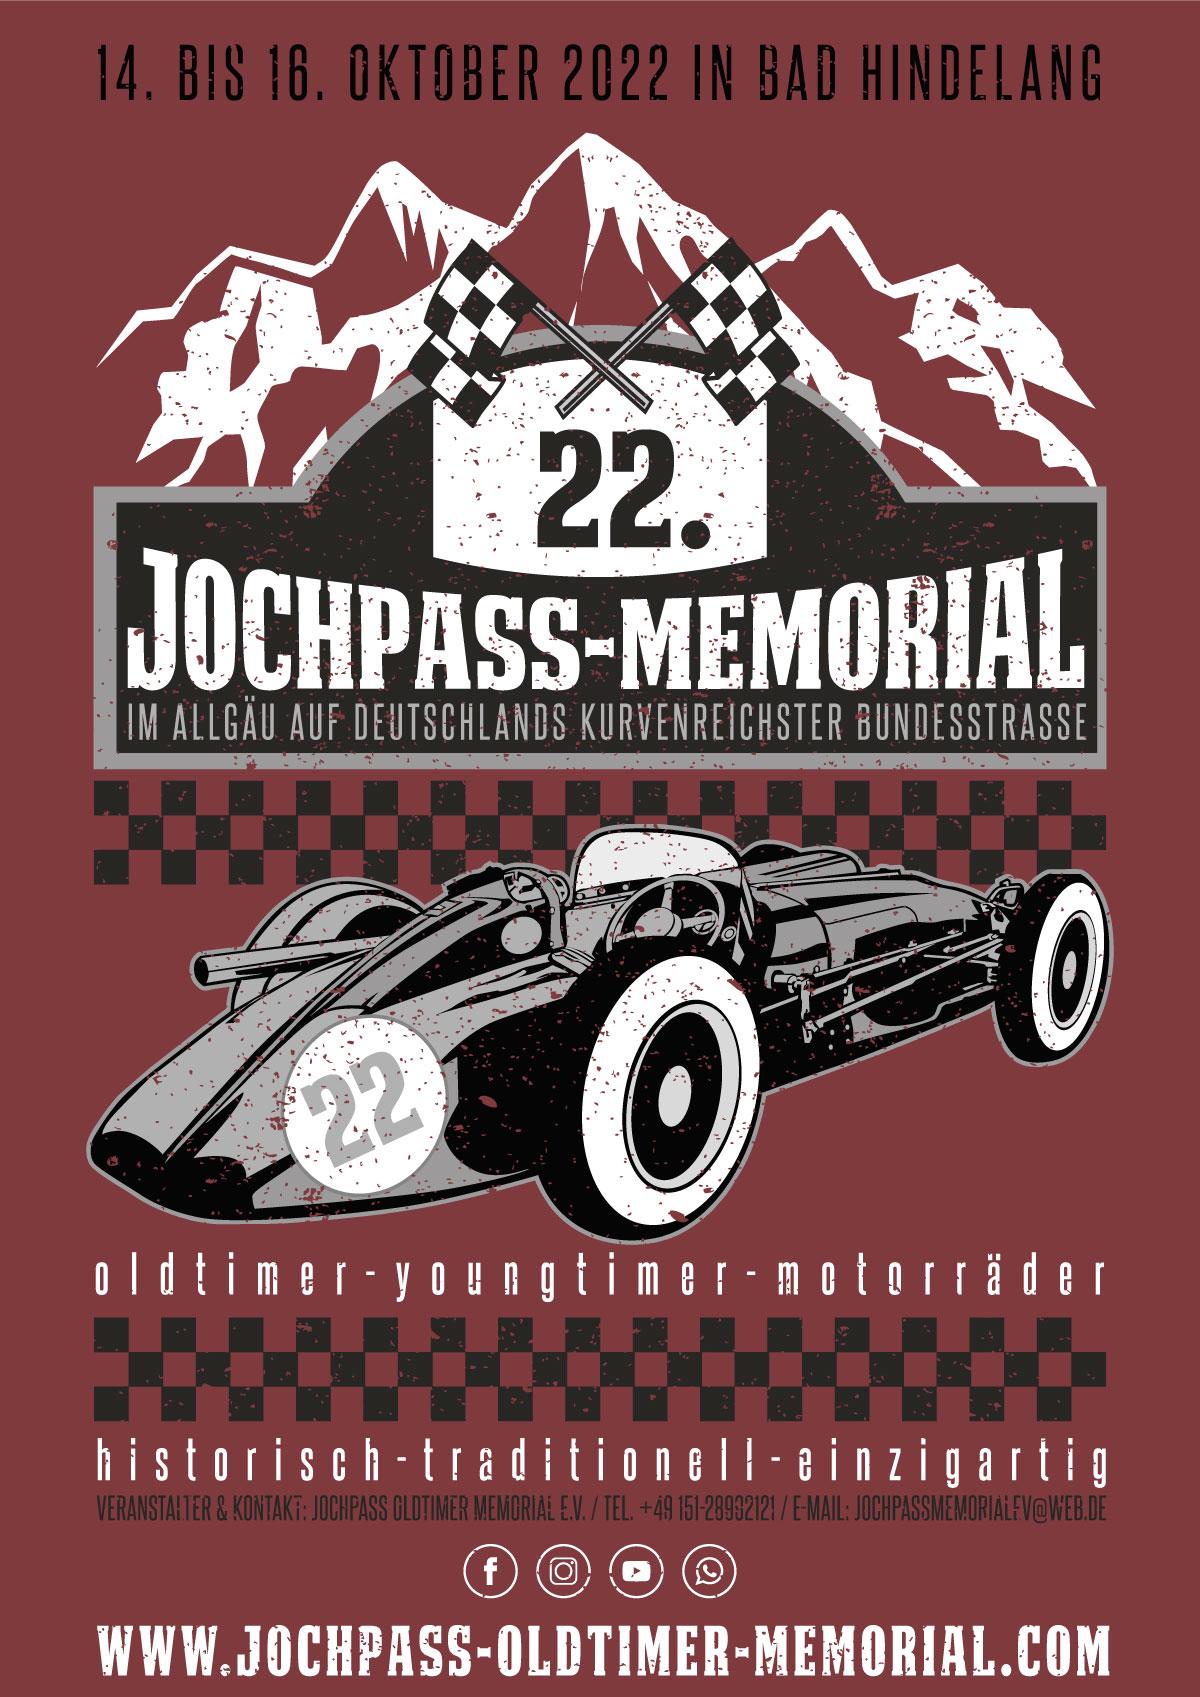 Jochpass Oldtimer Memorial 2022